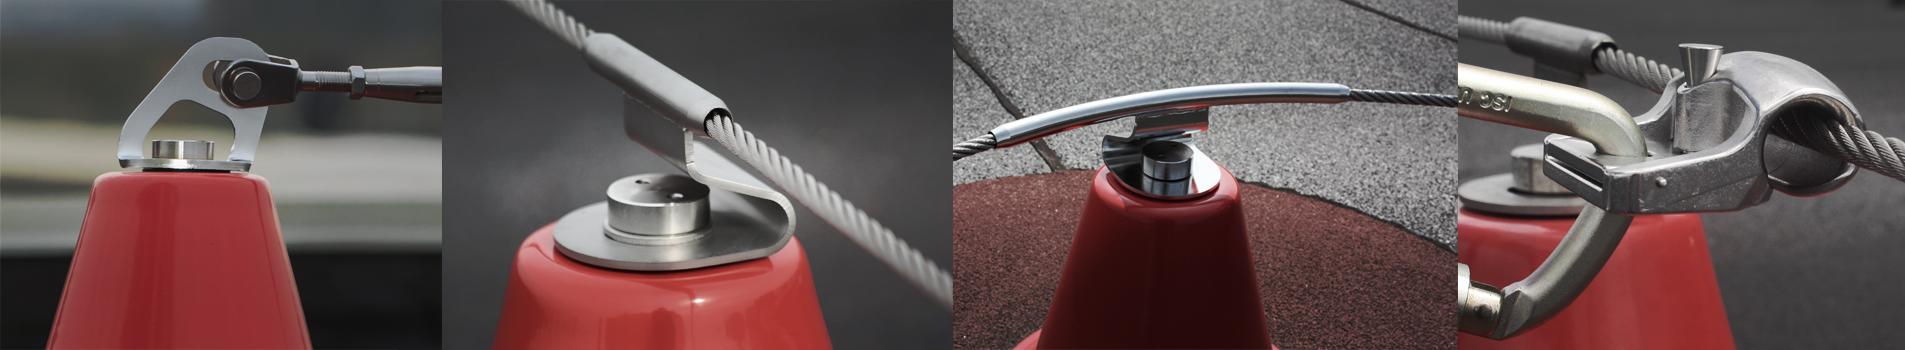 Afbeeldingen van het Scope lijnsysteem